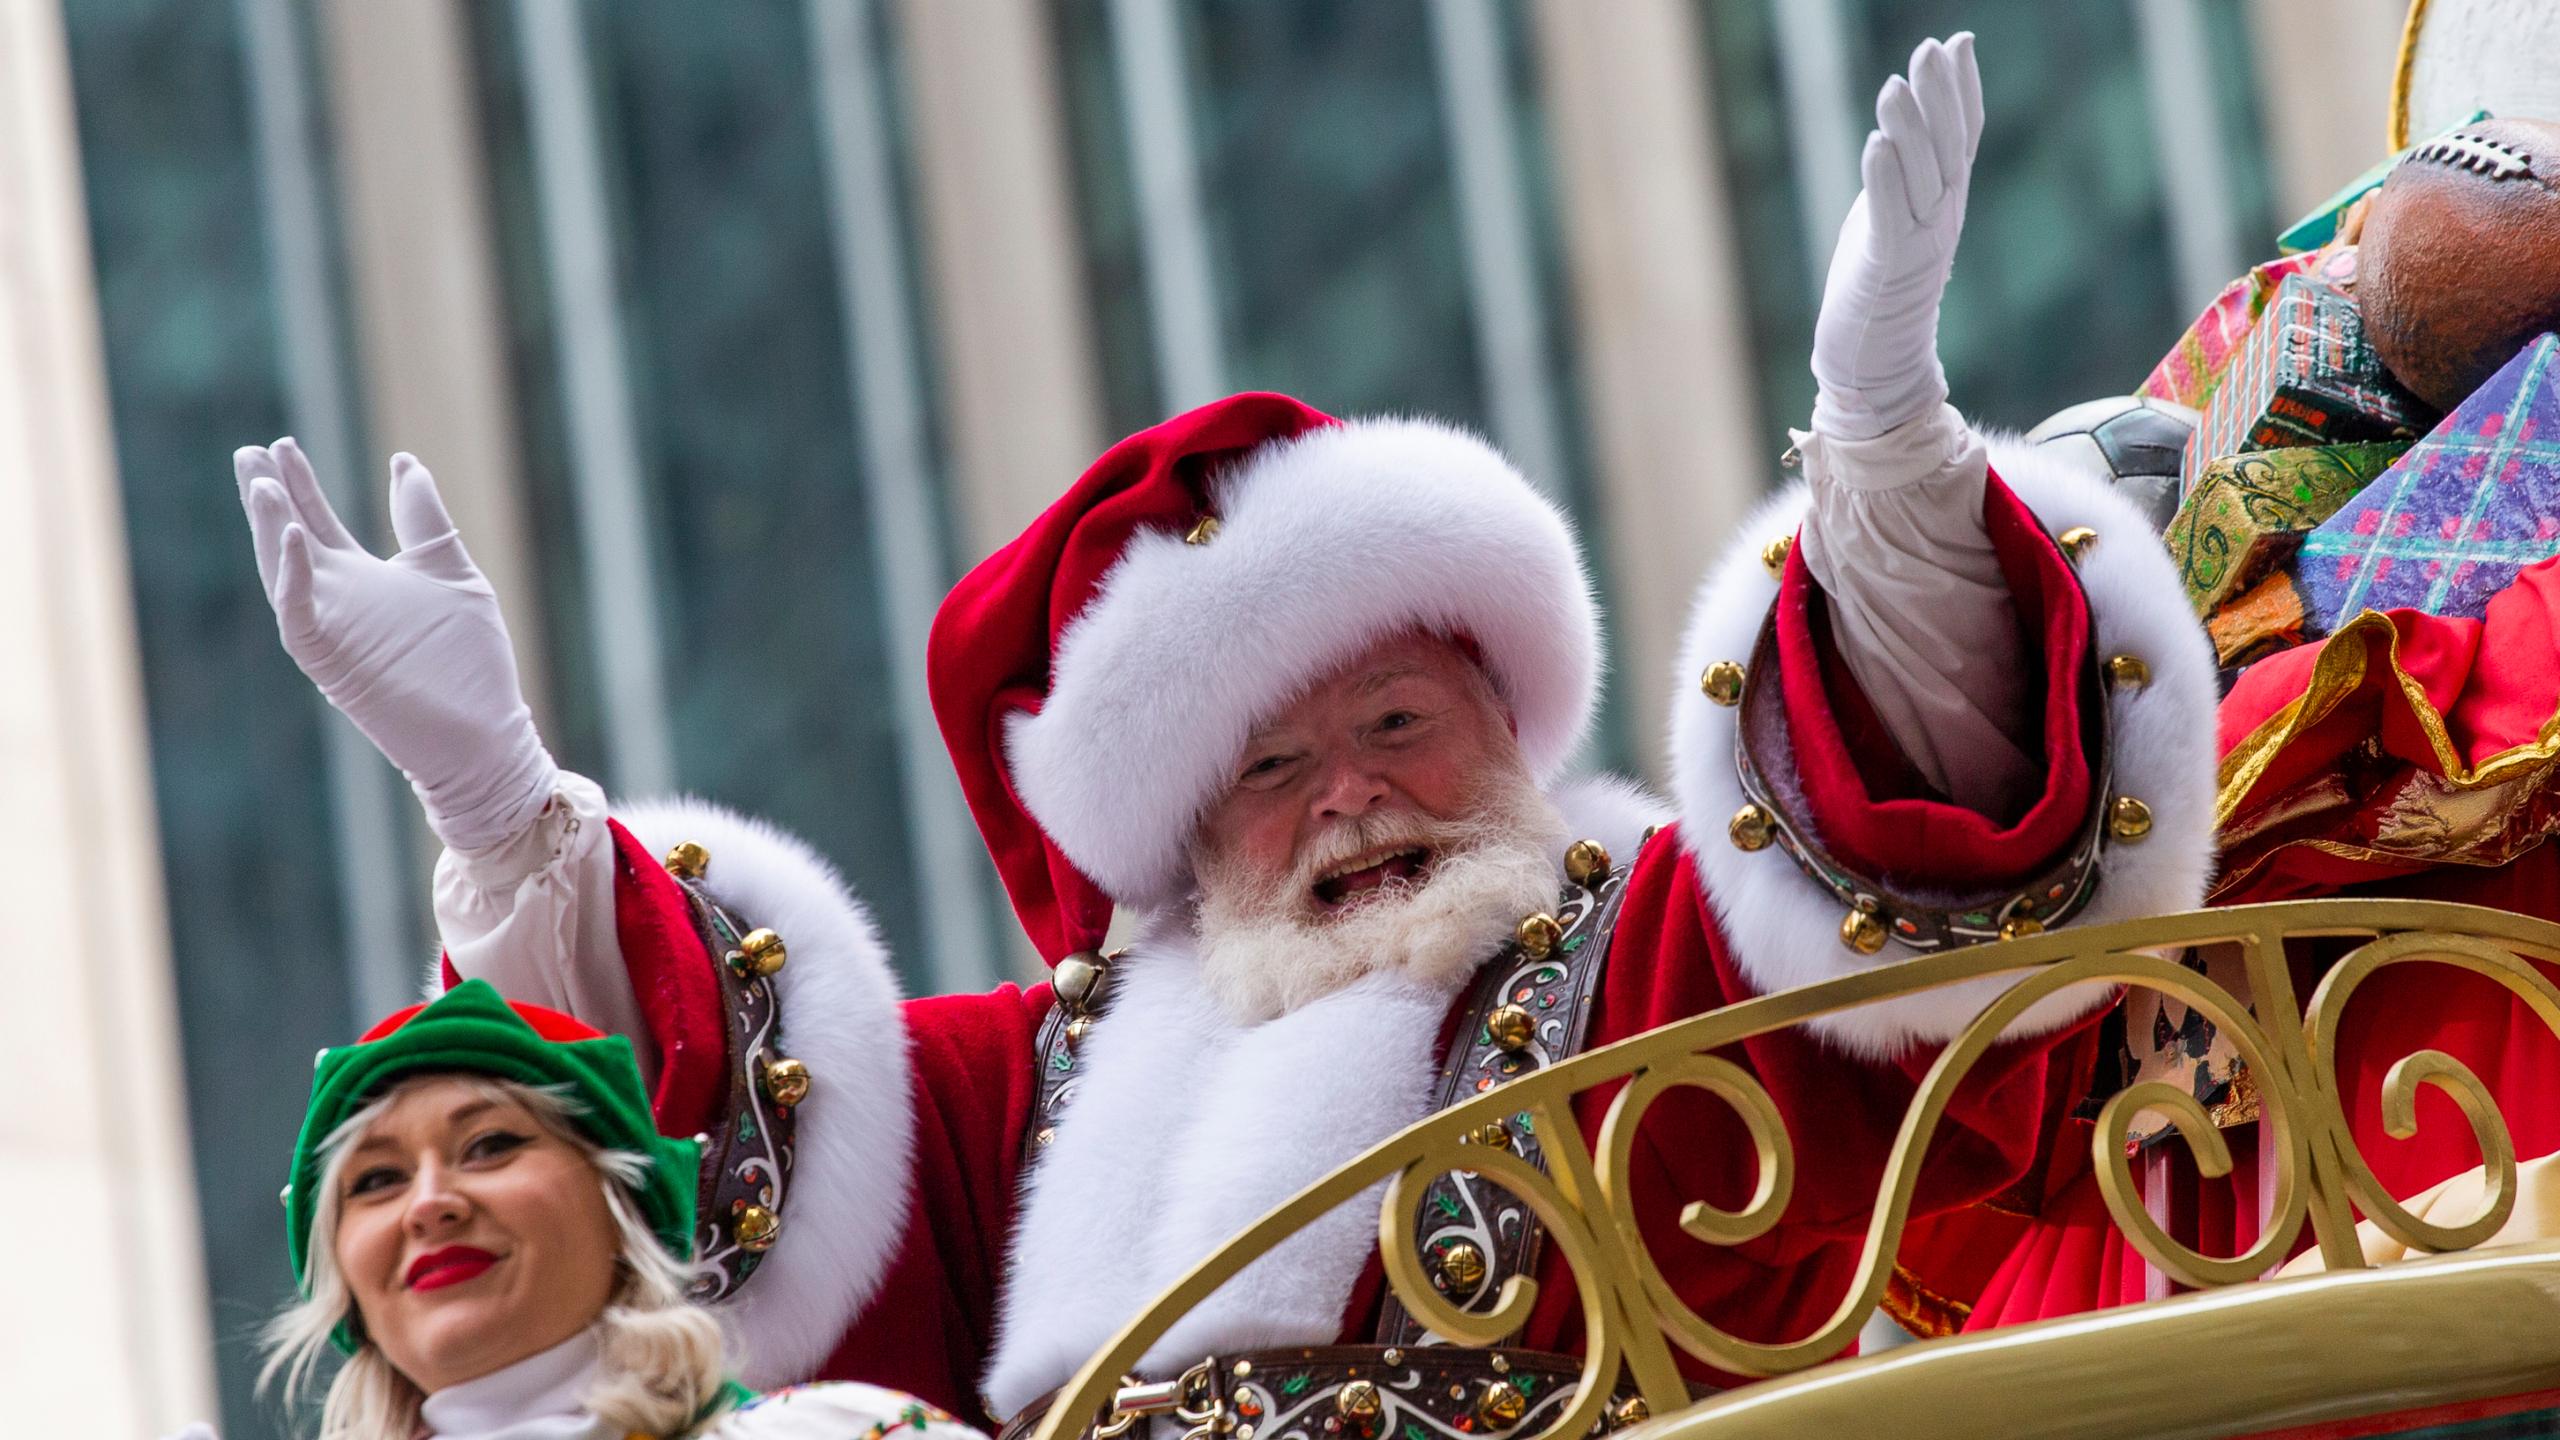 梅西百貨門口聖誕老人今年將改為網上體驗。(圖片來自網絡)